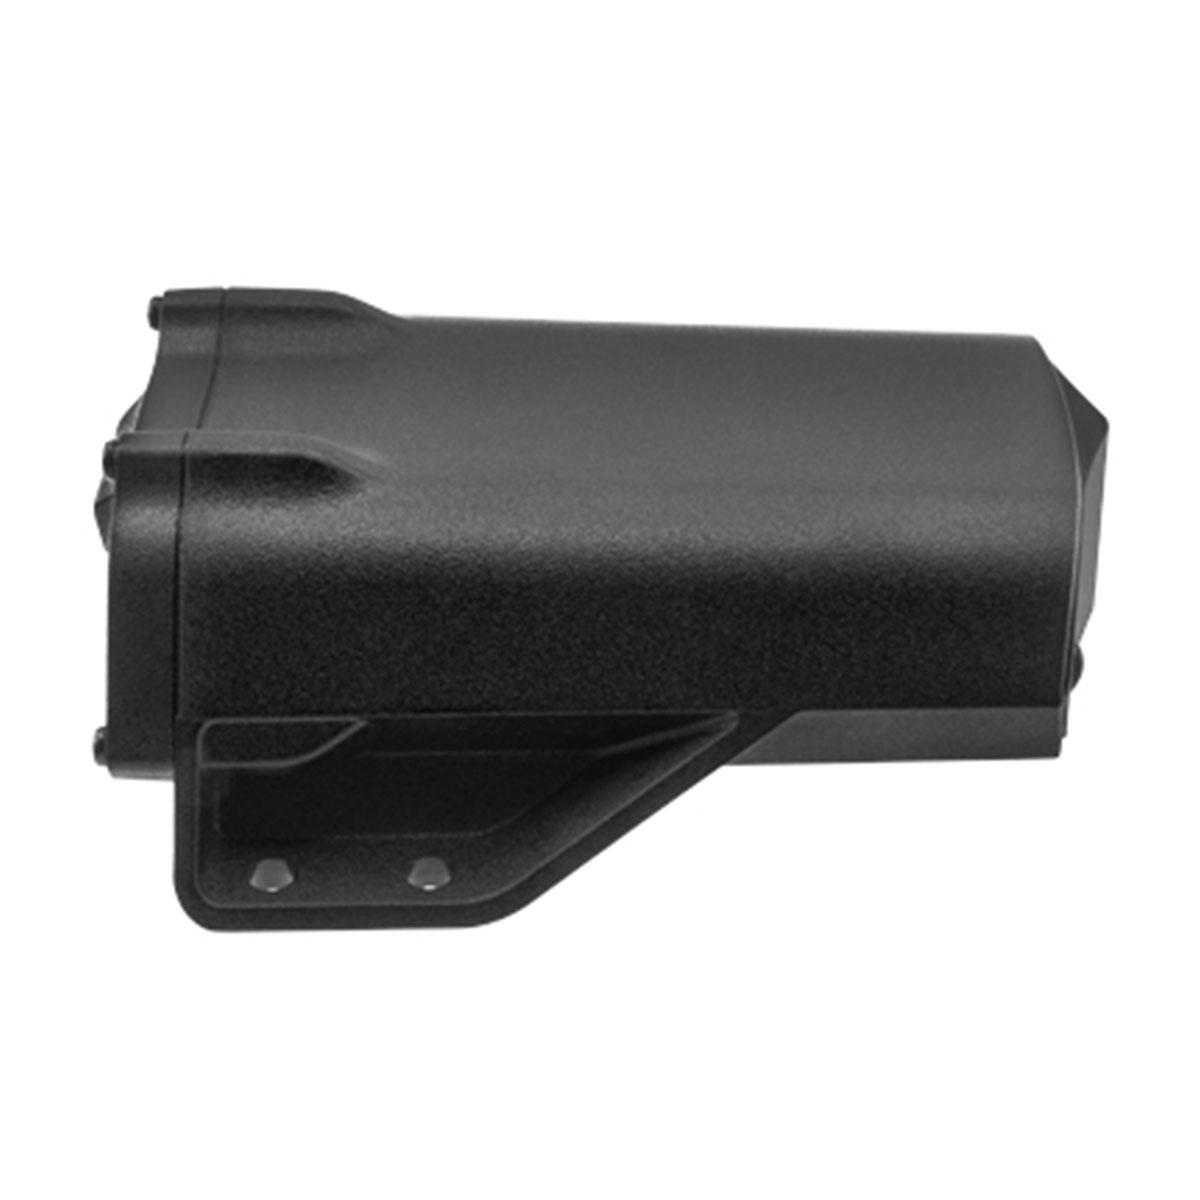 Купить Радарный блок Neoline X-COP R050 для ...